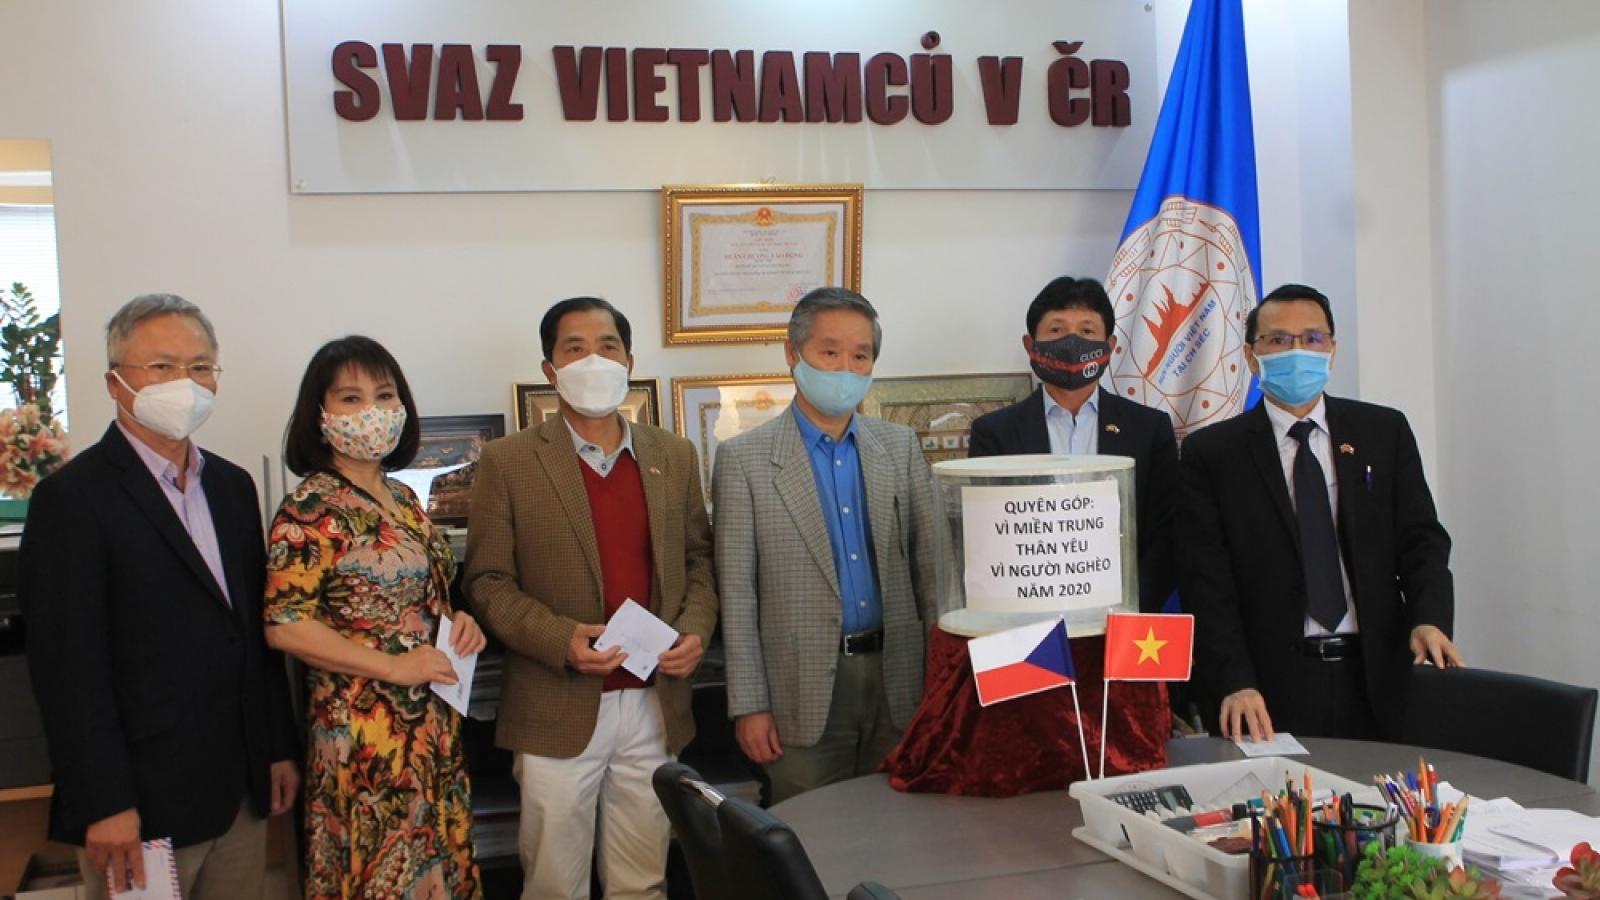 Hội người Việt Nam tại Séc phát động gây quỹ ủng hộ đồng bào miền Trung